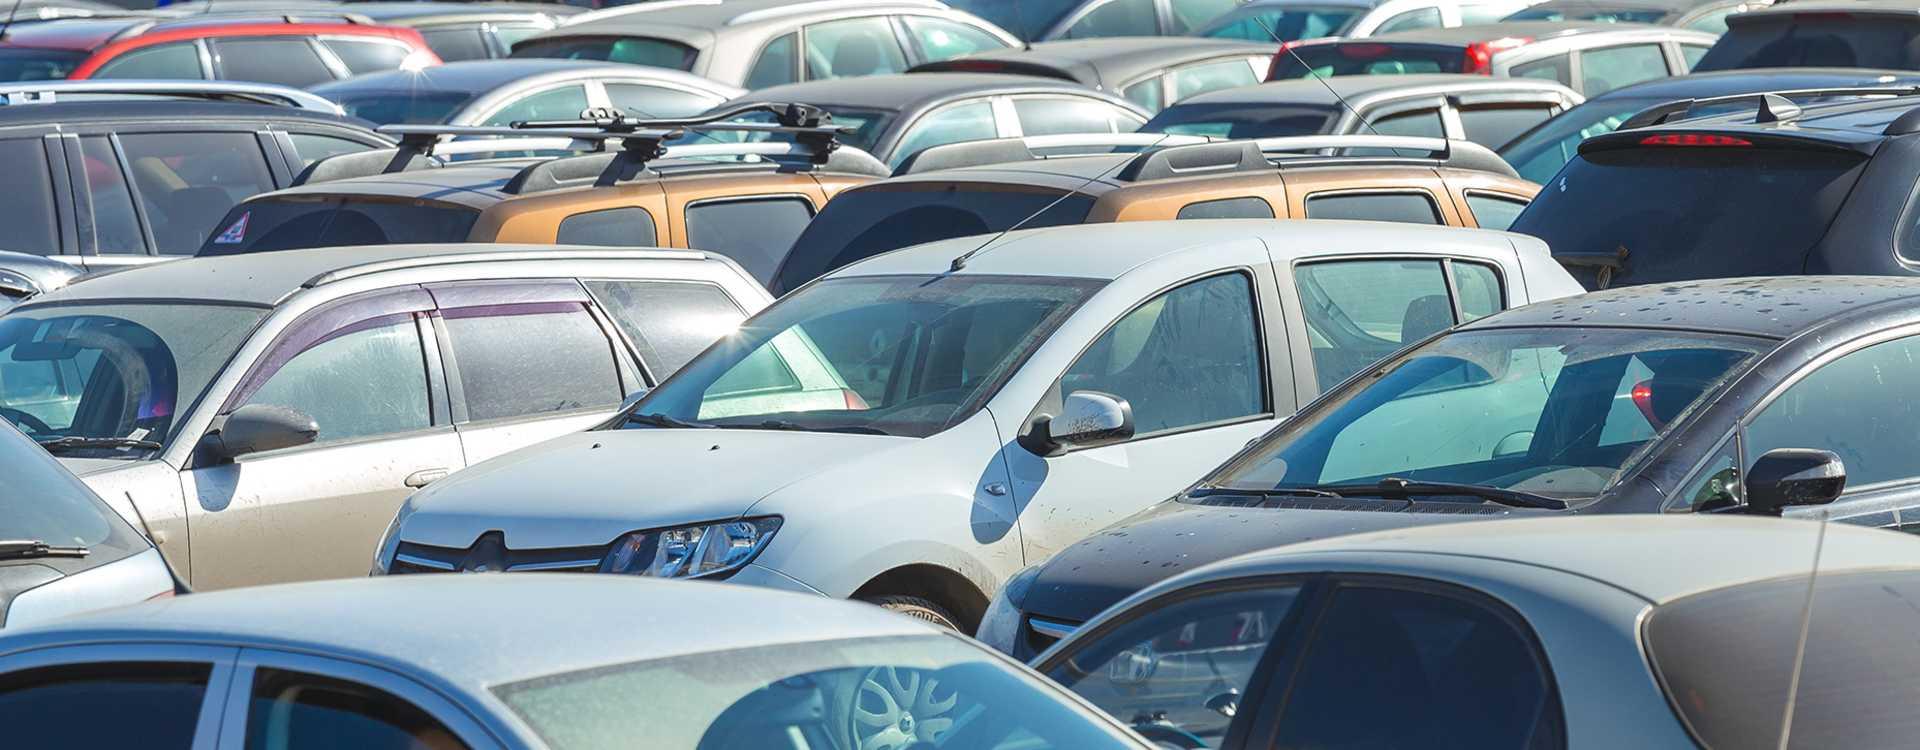 Ajax Airport Parking